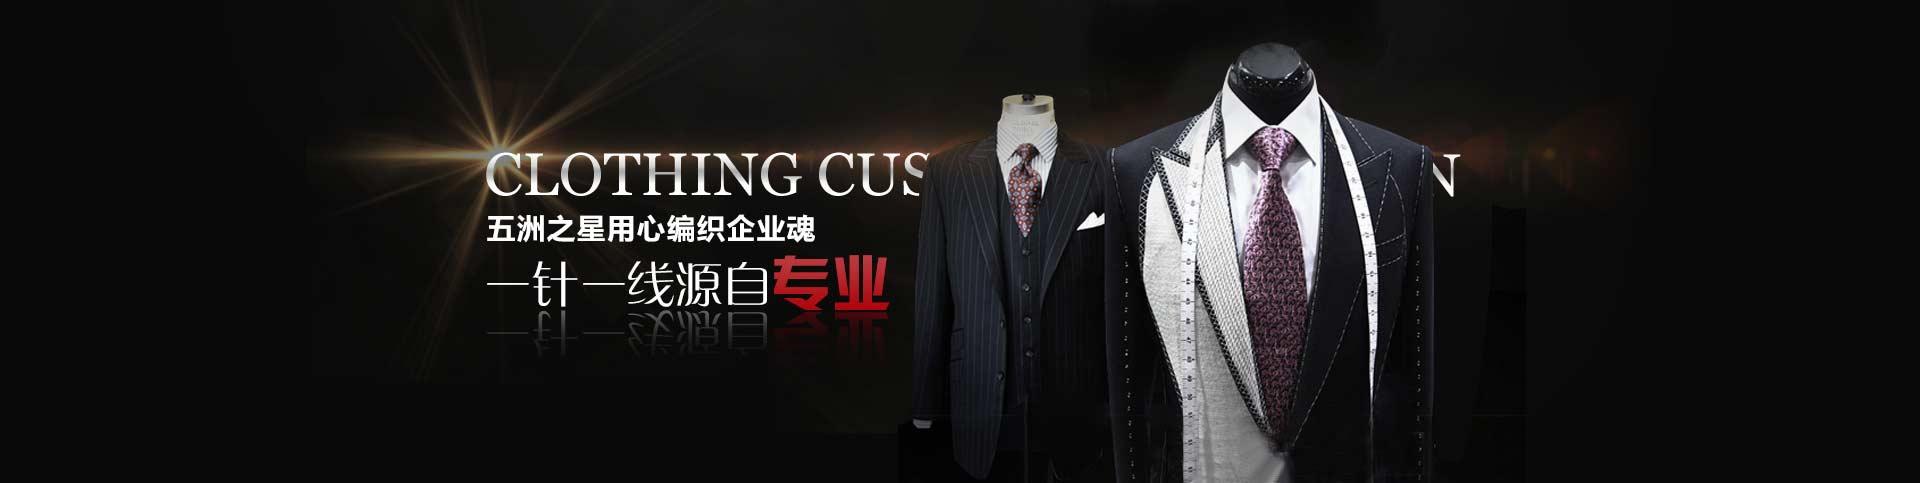 五洲之星职业装—专业的北京职业装厂家